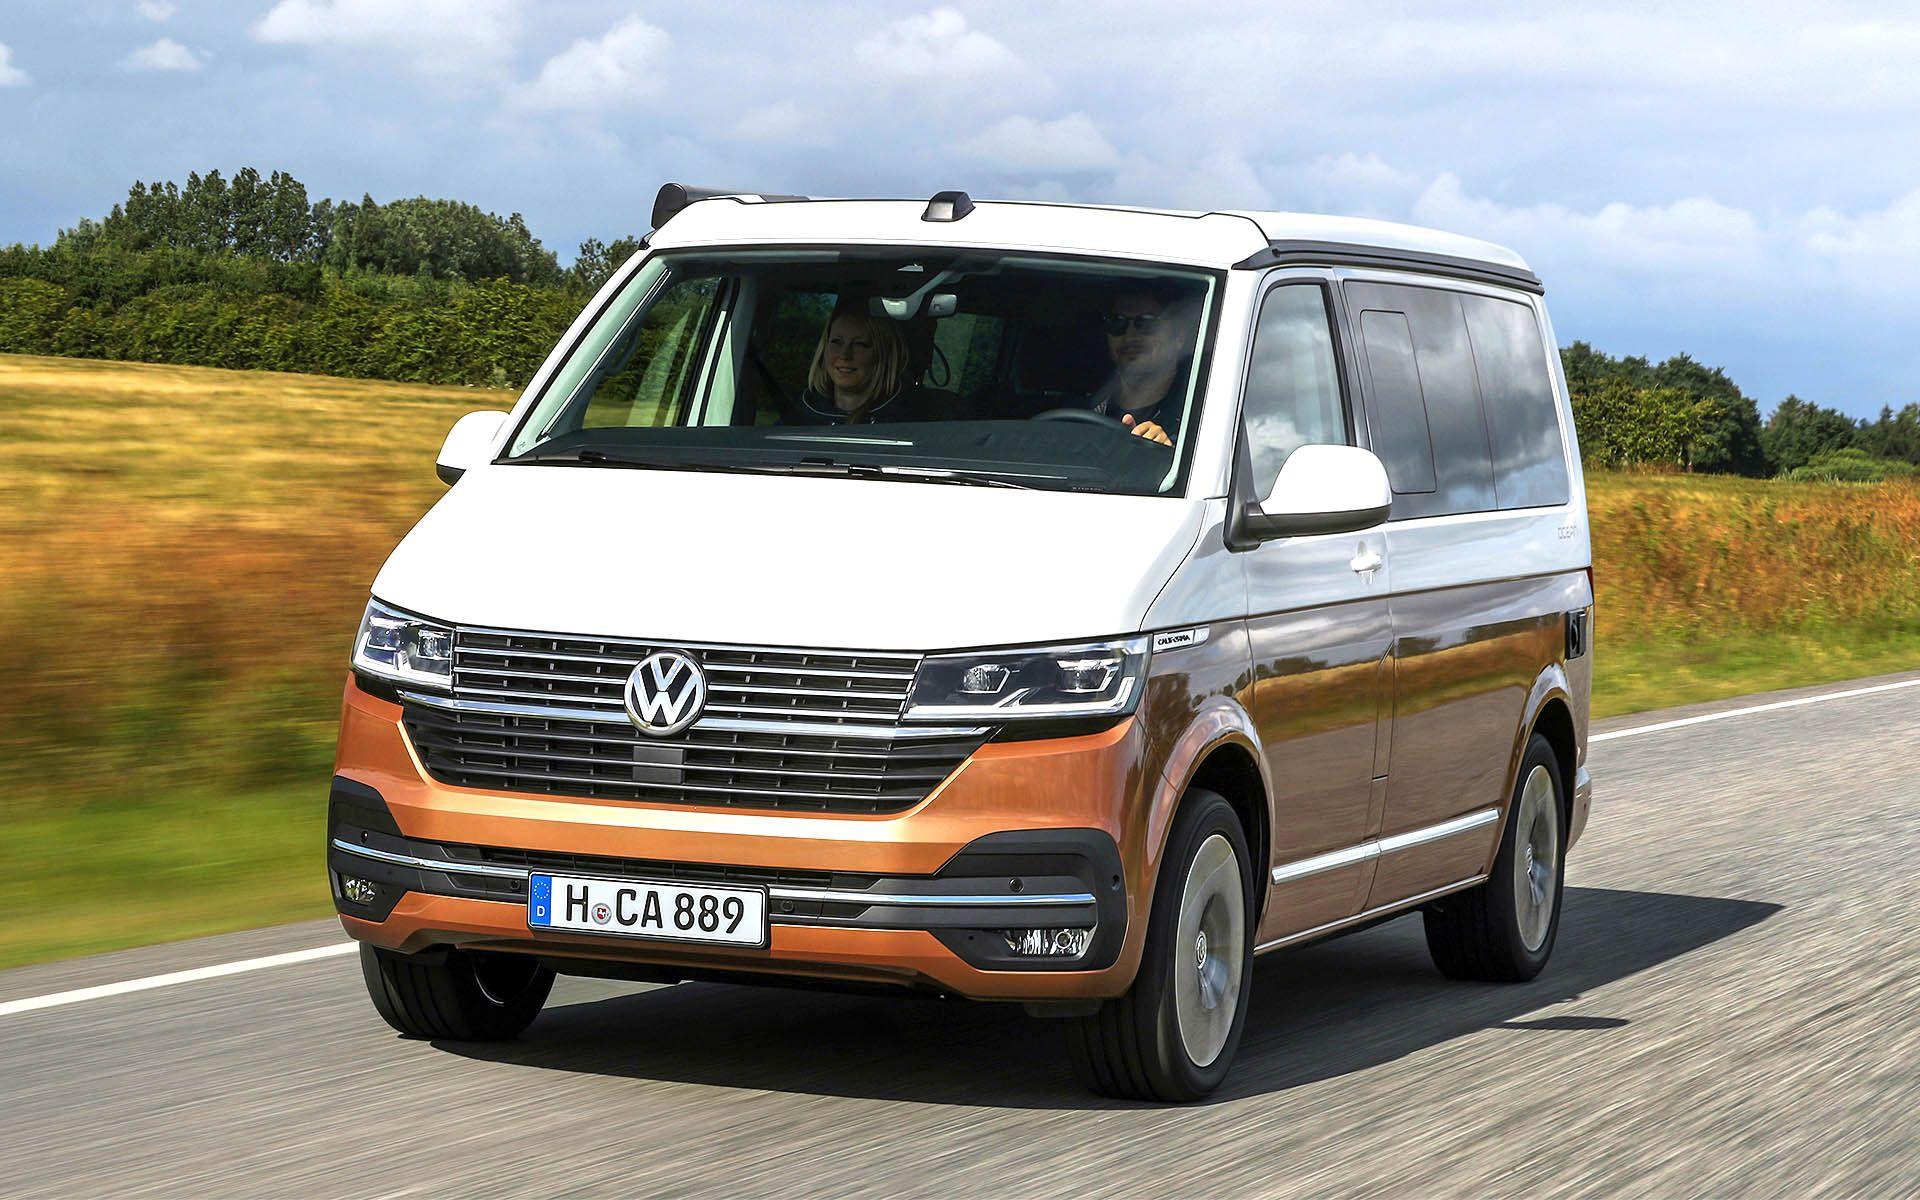 Vw California 6 1 Camper Gets A Bunch Of New Hi Tech Features Vw California Camper Volkswagen Camper Volkswagen Camper Van